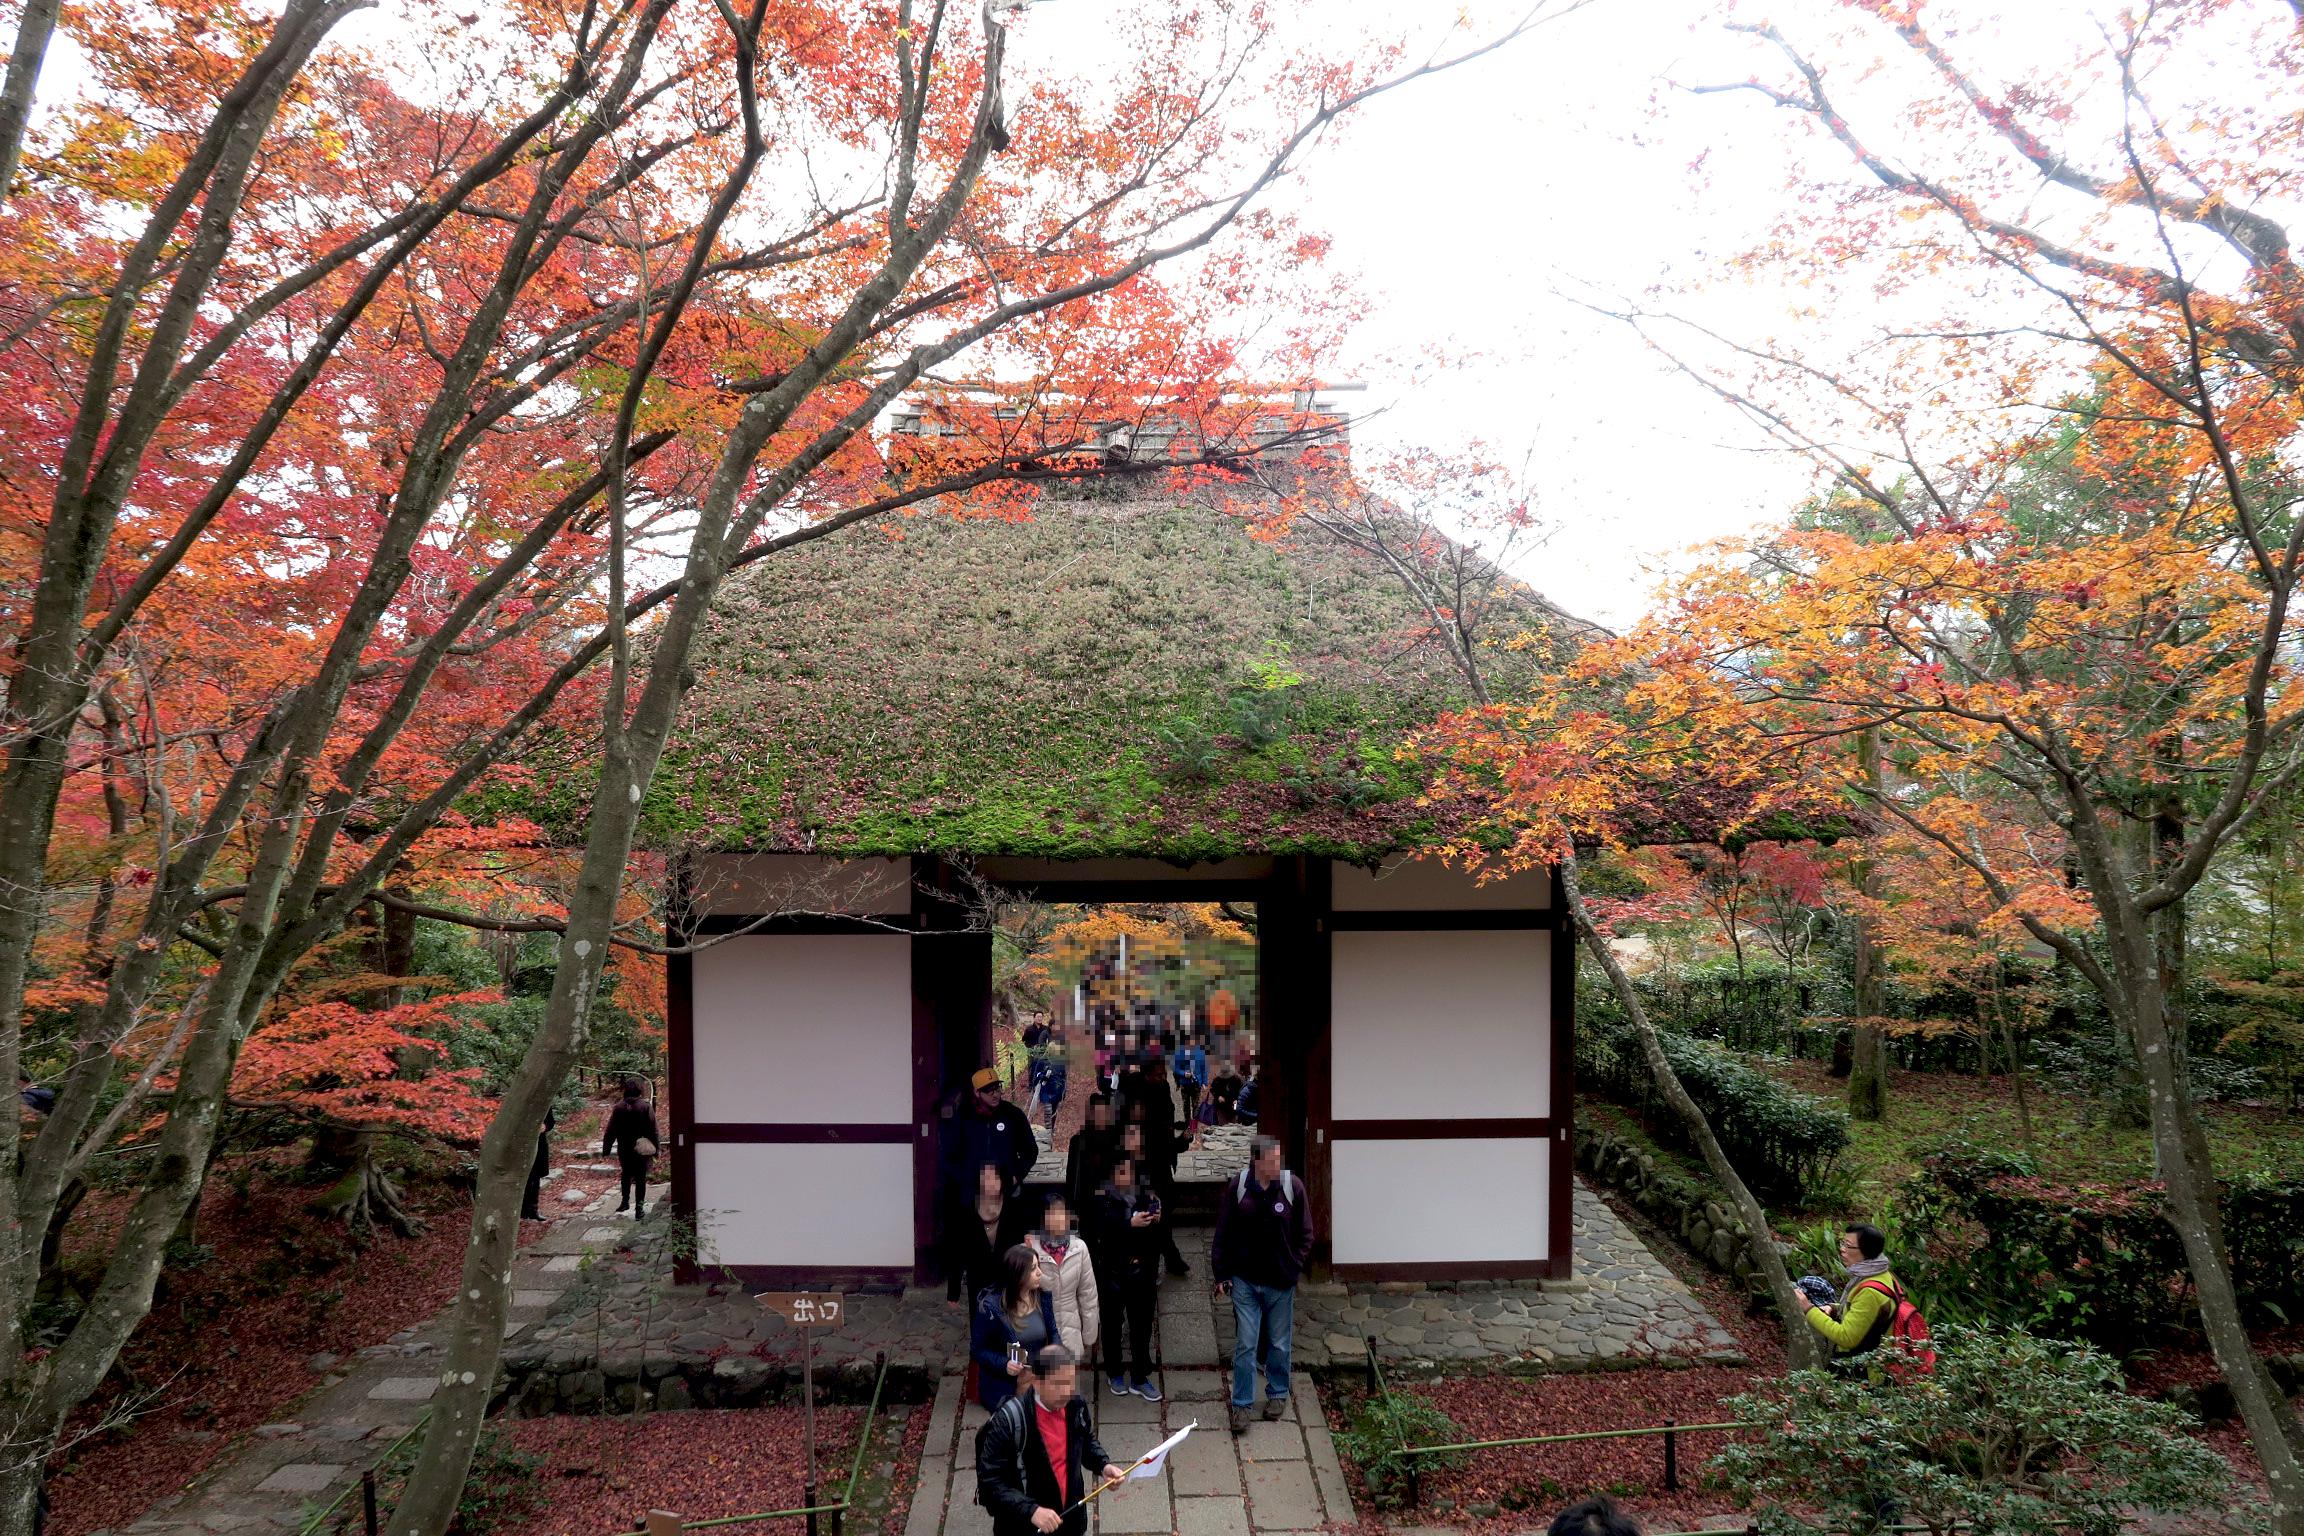 常寂光寺の仁王門。境内建築物の中で最も古い建物だそうです。